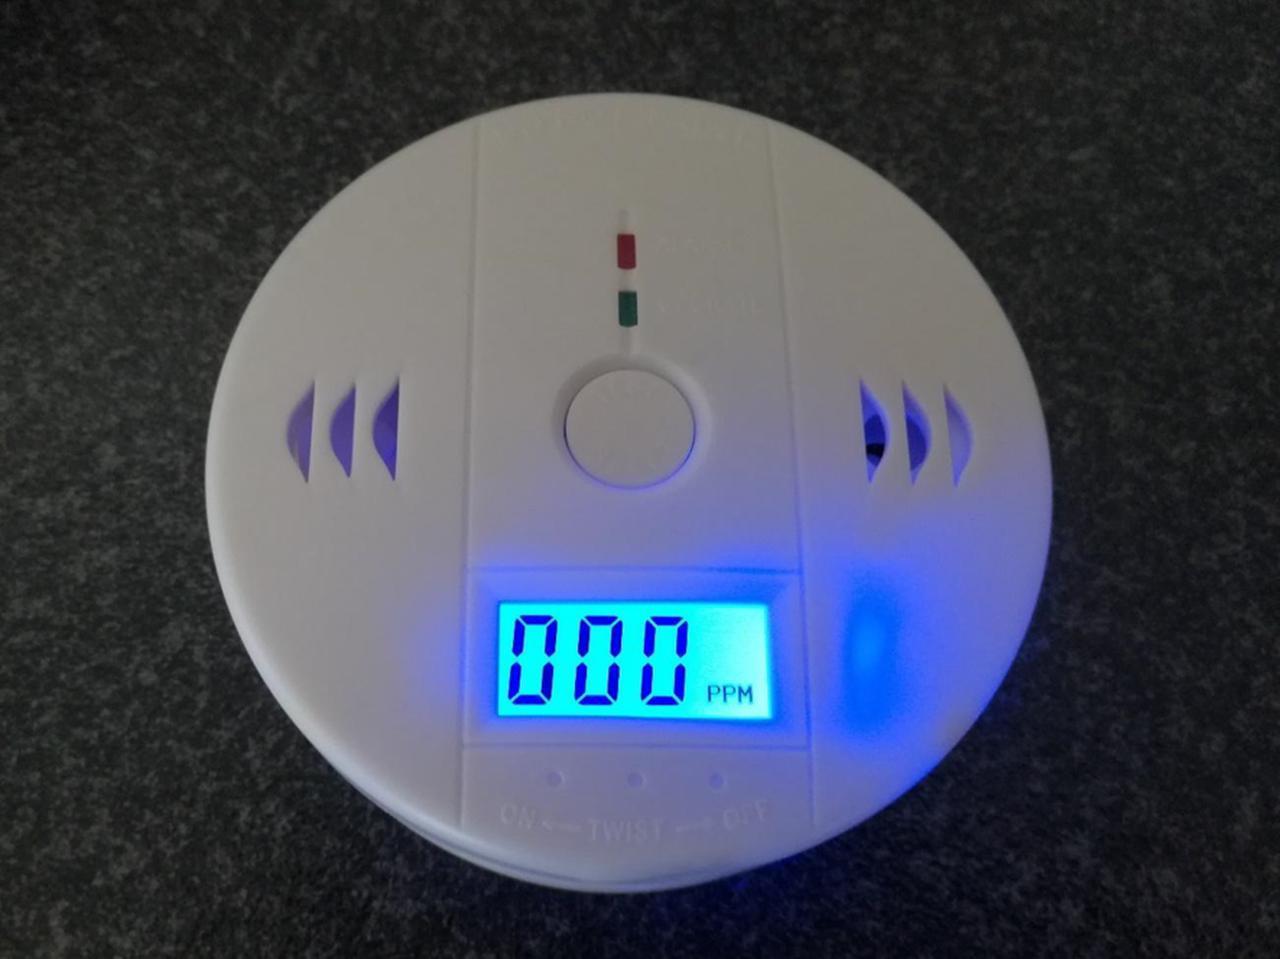 画像: 冬キャンプは一酸化炭素中毒に要注意! 気をつけるポイントとおすすめCO警報機を紹介 - ハピキャン(HAPPY CAMPER)